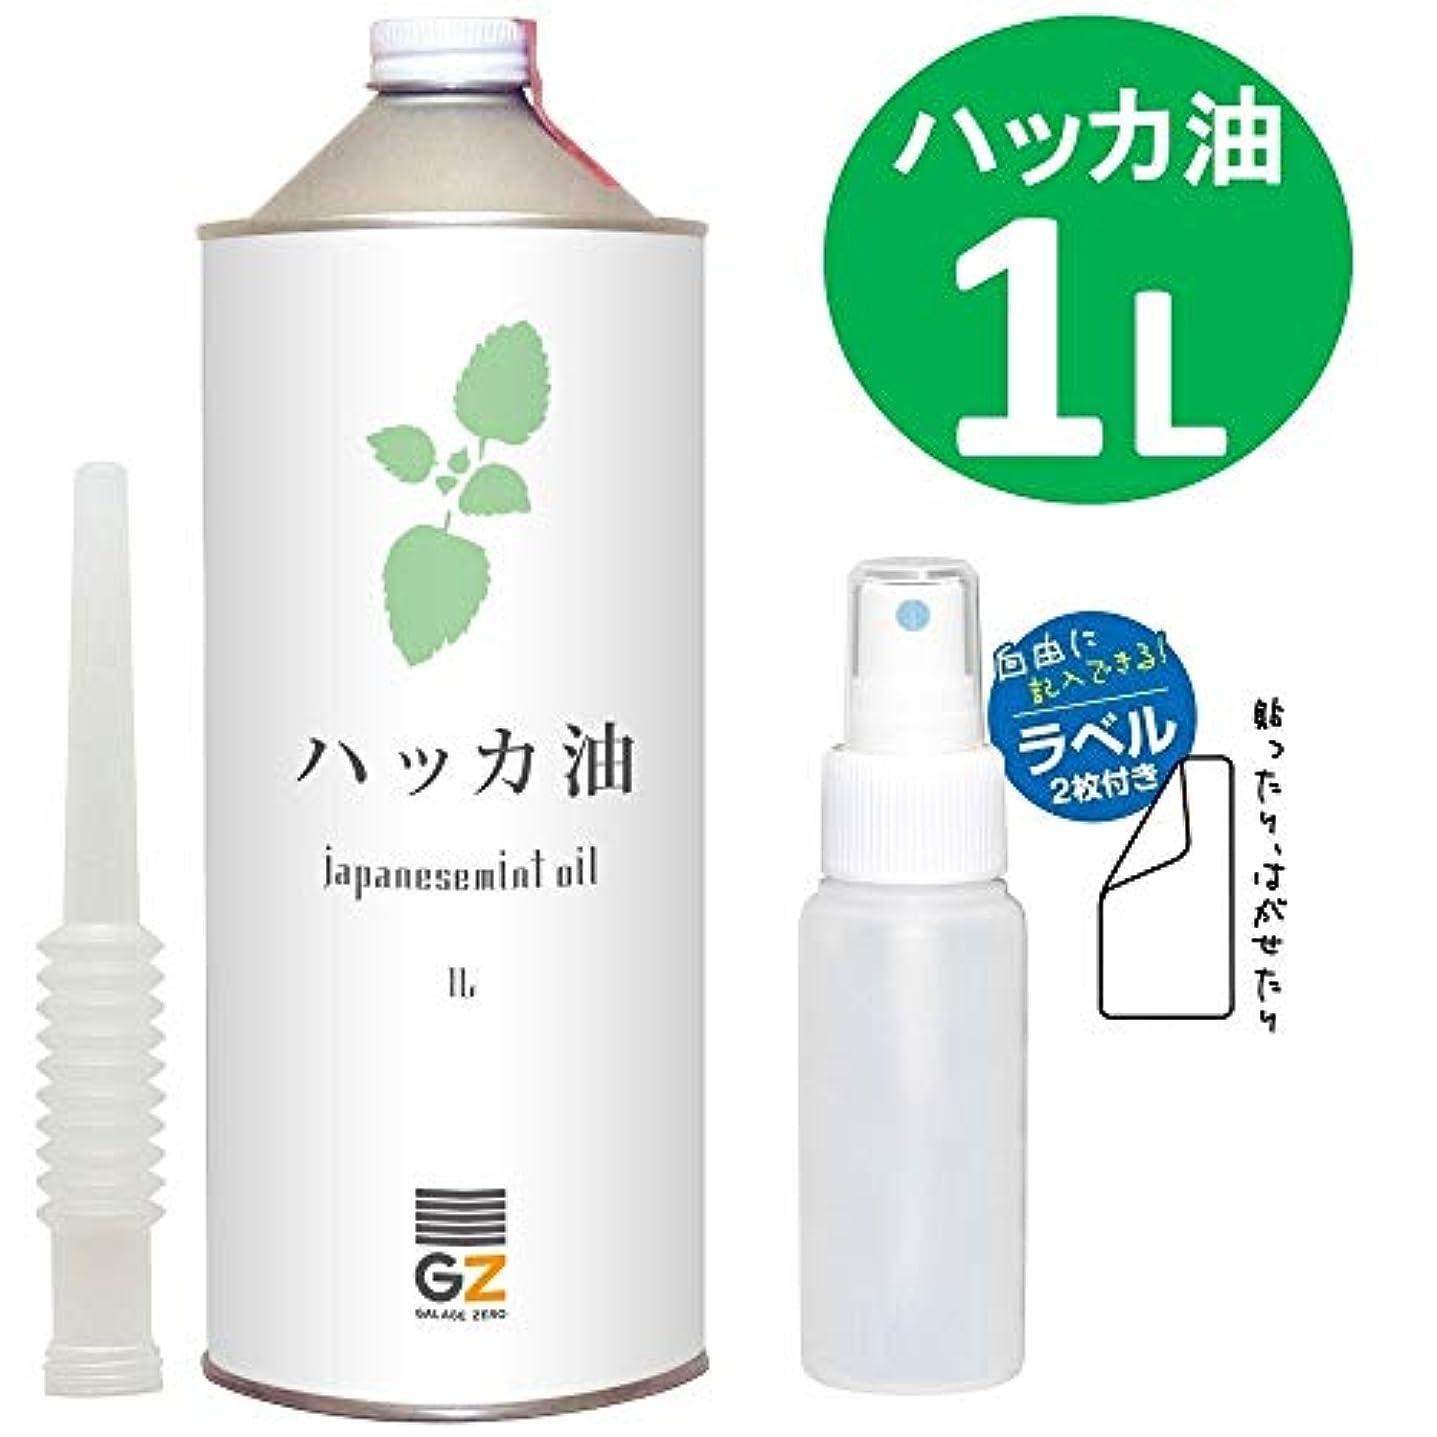 感度微視的温度ガレージ?ゼロ ハッカ油 1L(GZAK14)+50mlPEスプレーボトル/和種薄荷/ジャパニーズミント GSE531